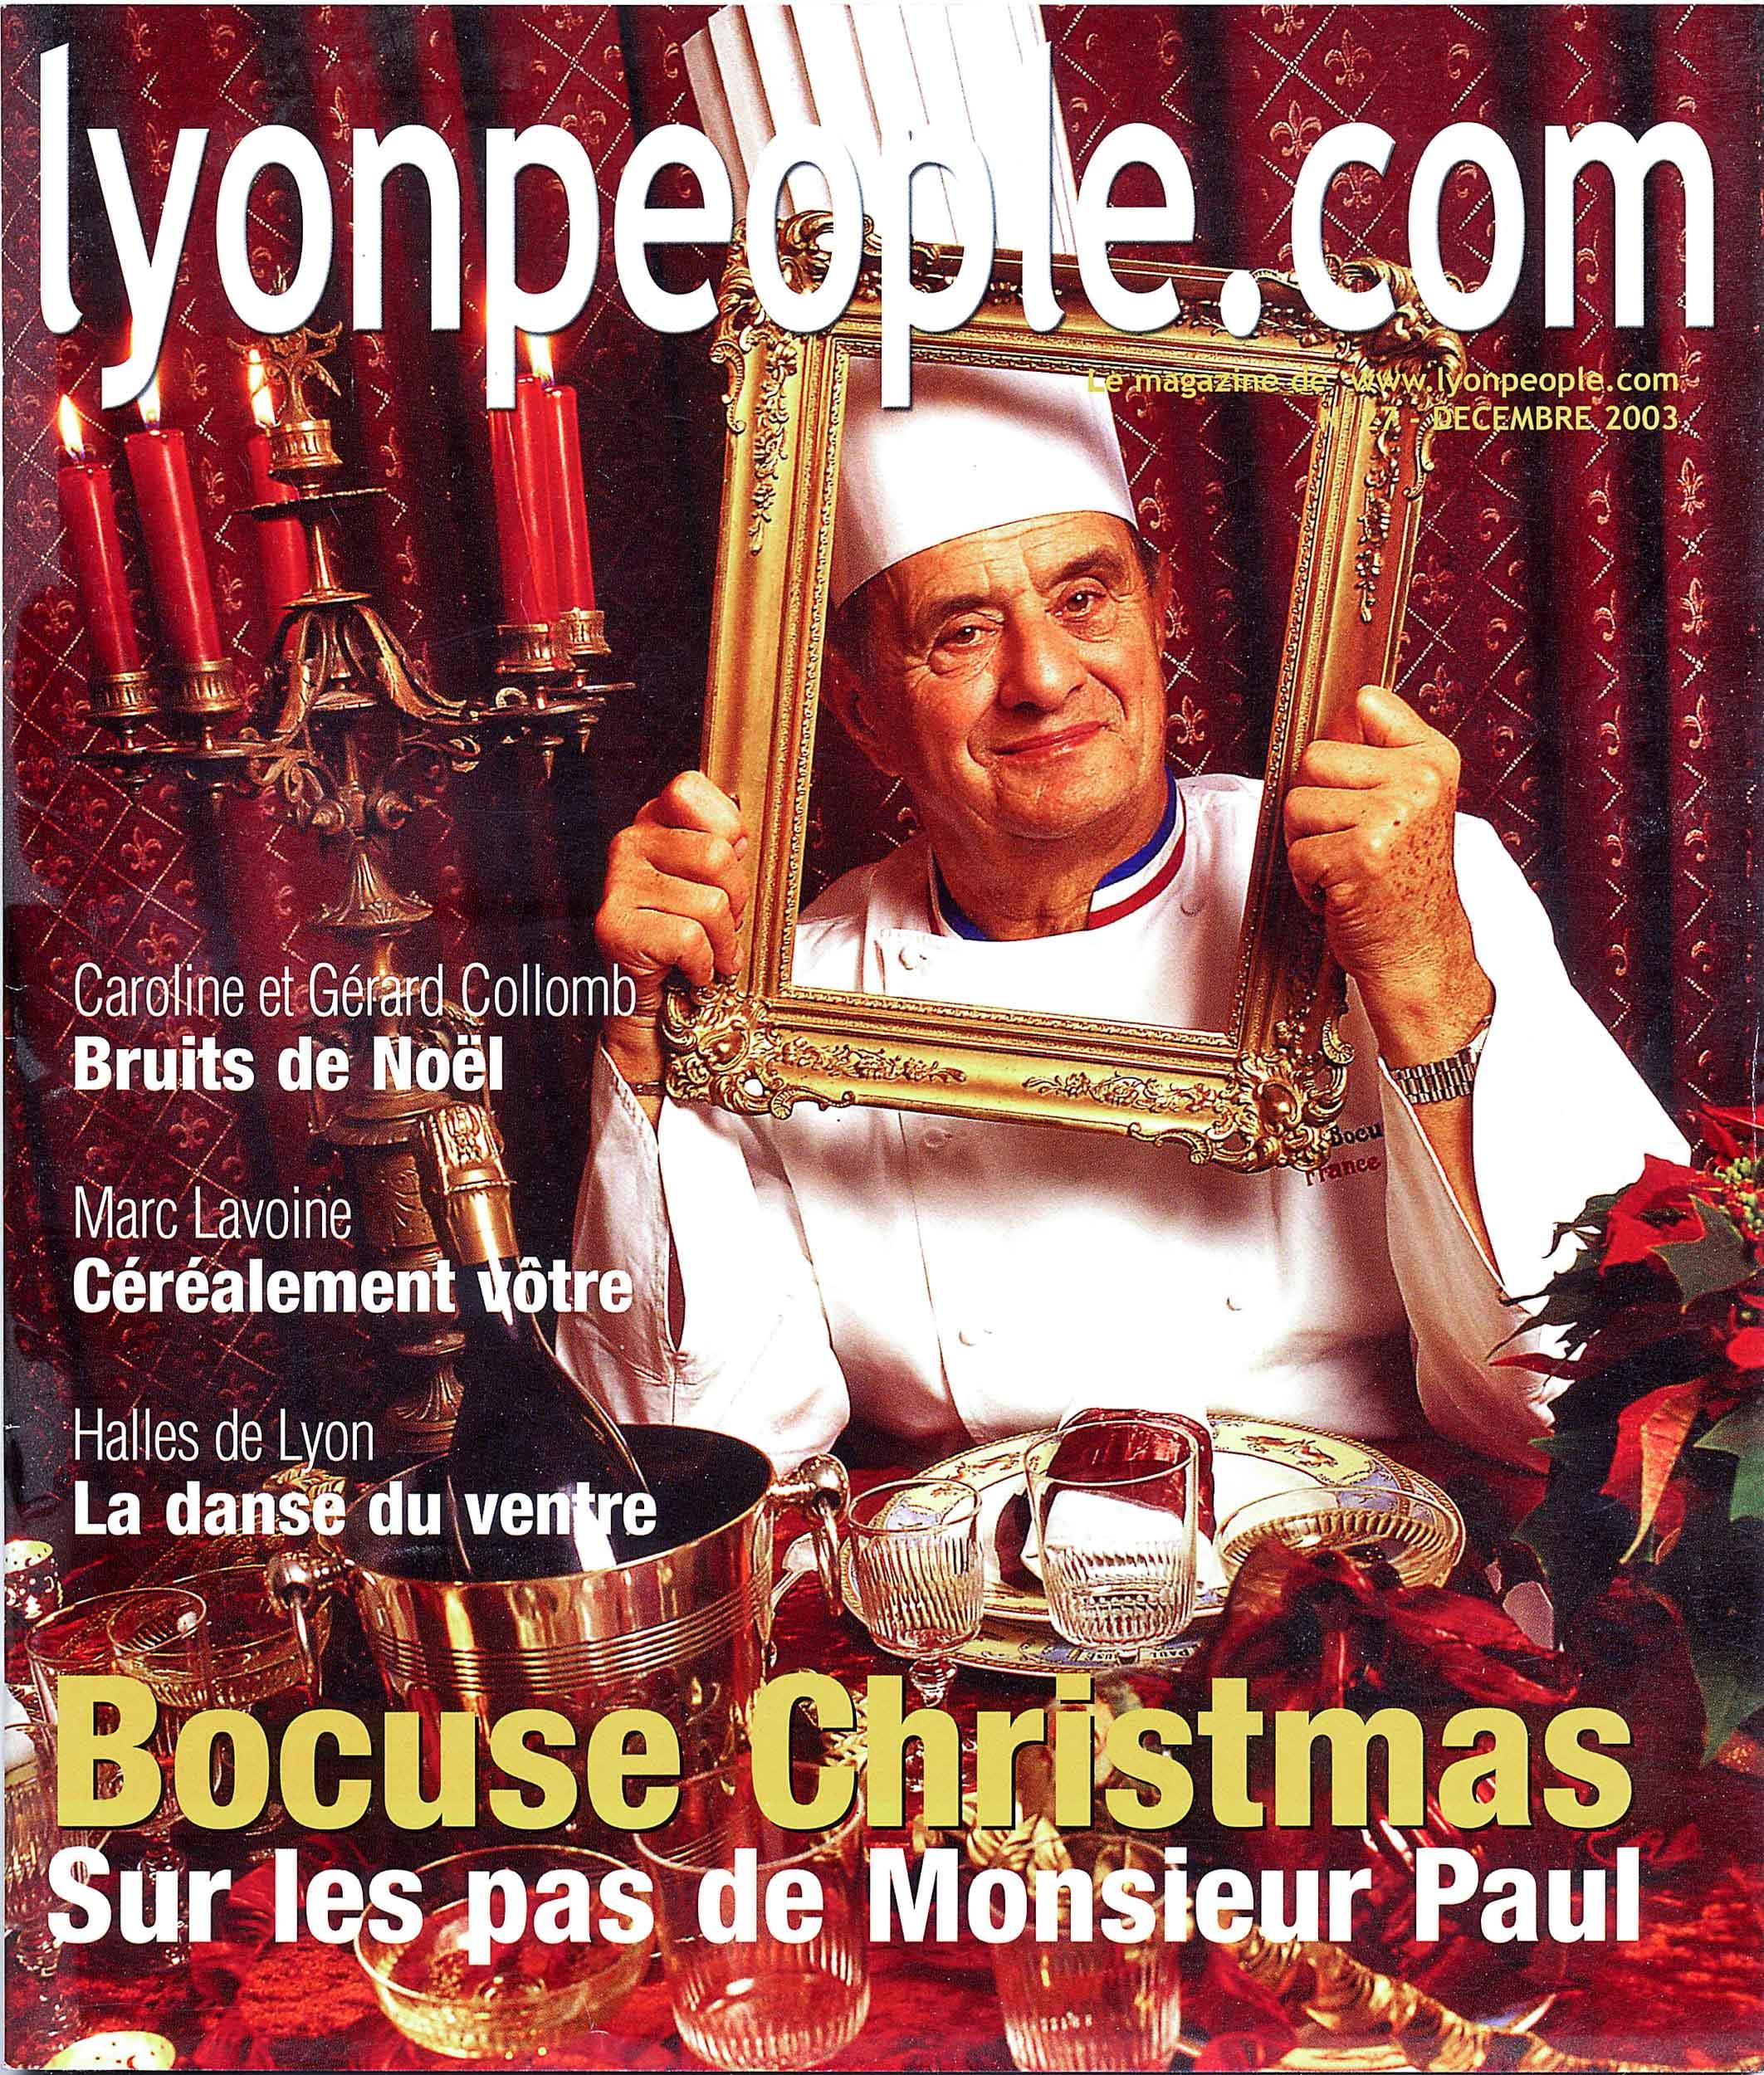 Couv Paul bocuse-9.jpg